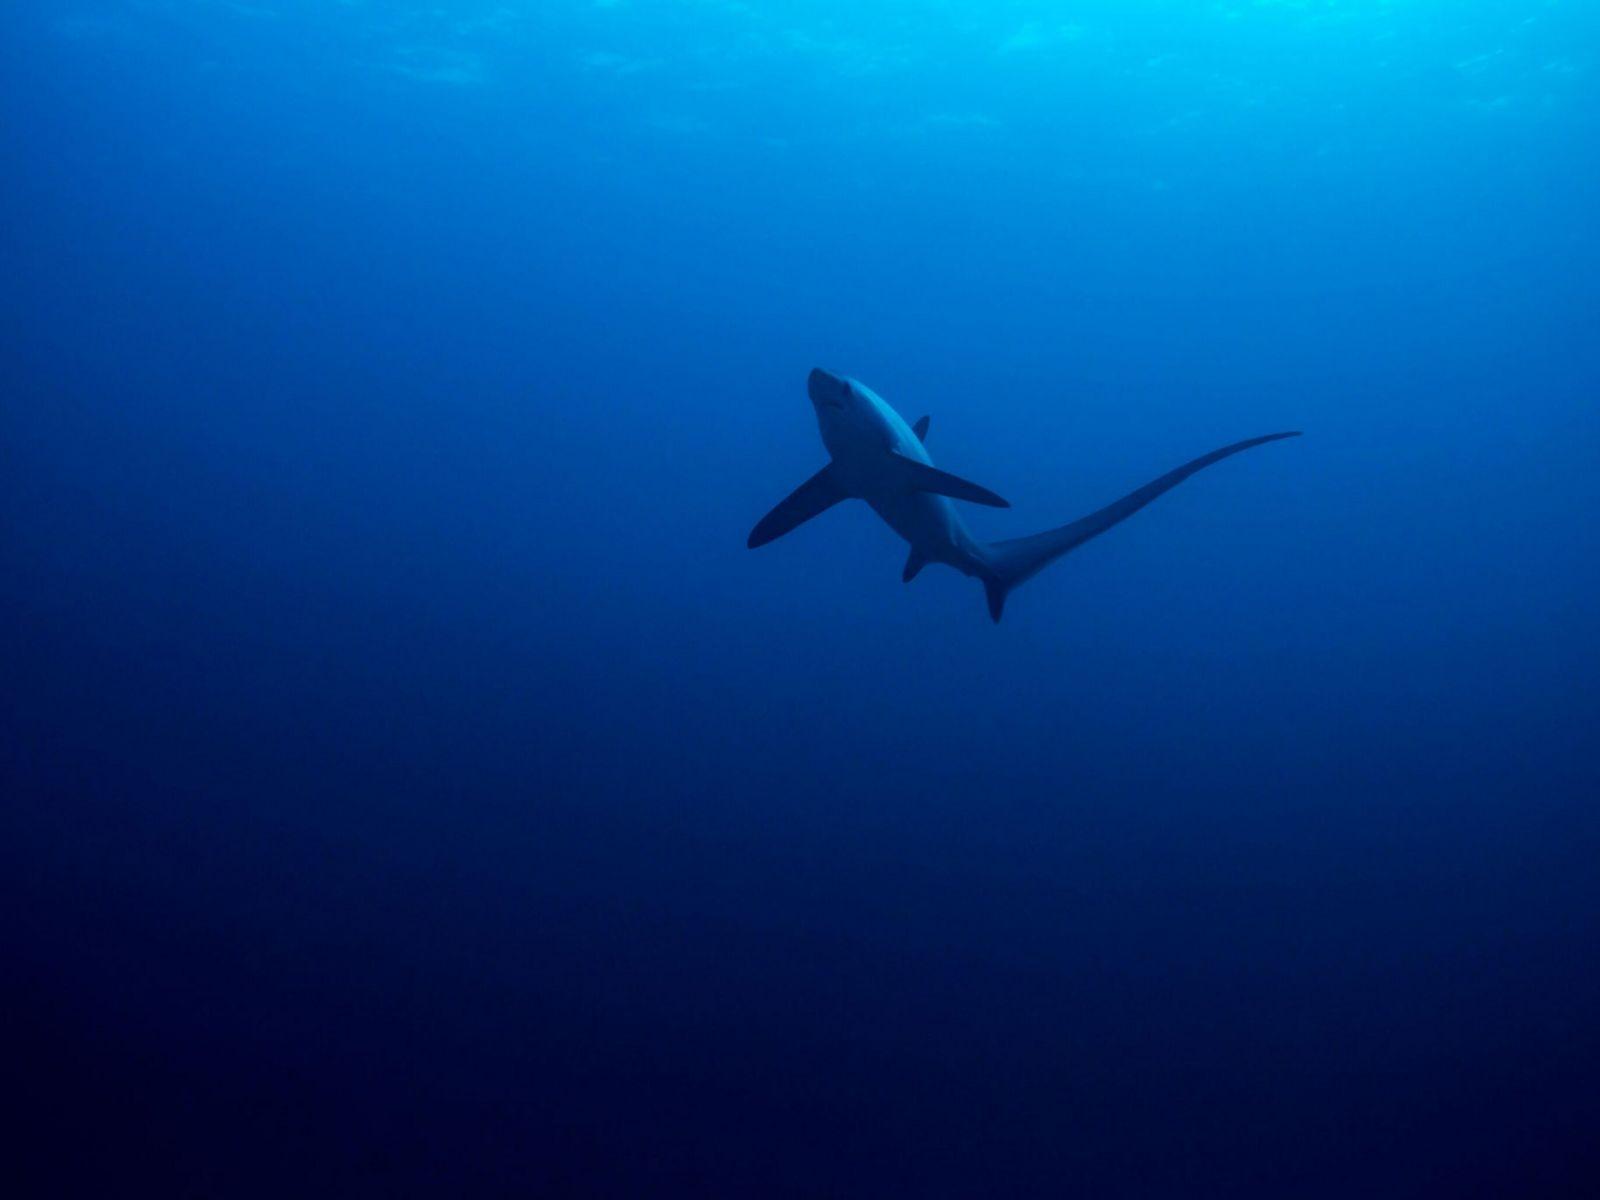 Fotografía de un tiburón zorro pelágico